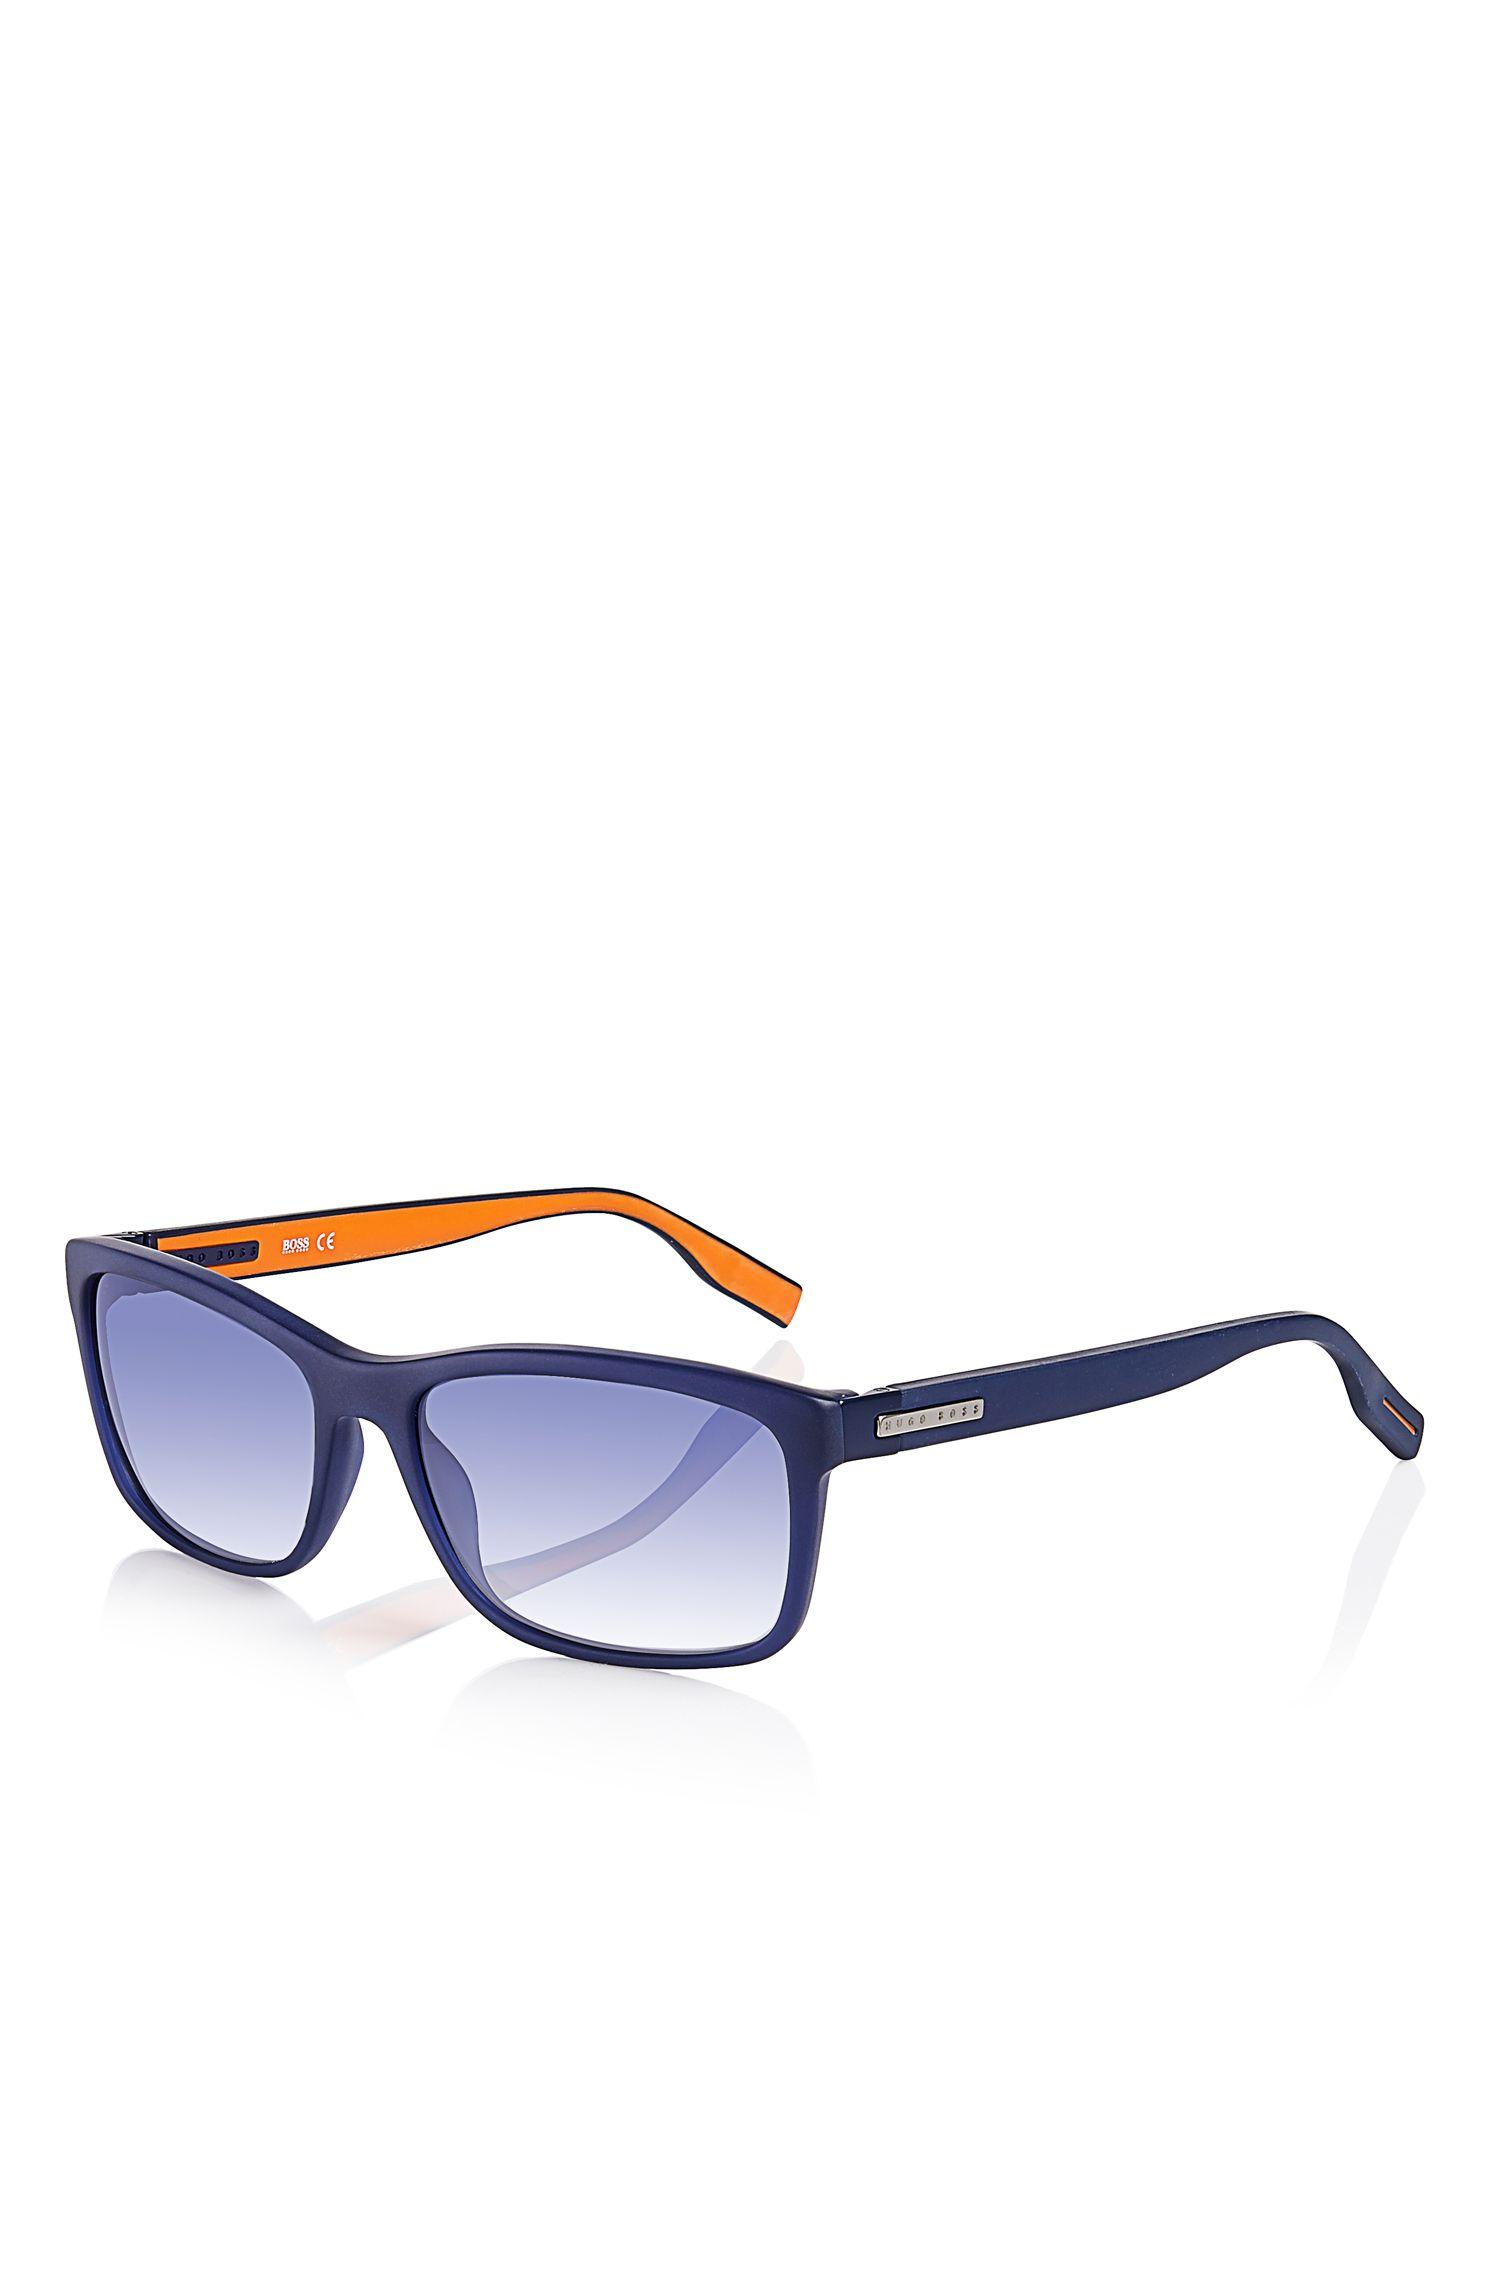 'Sunglasses'   Two Tone Acetate Sunglasses